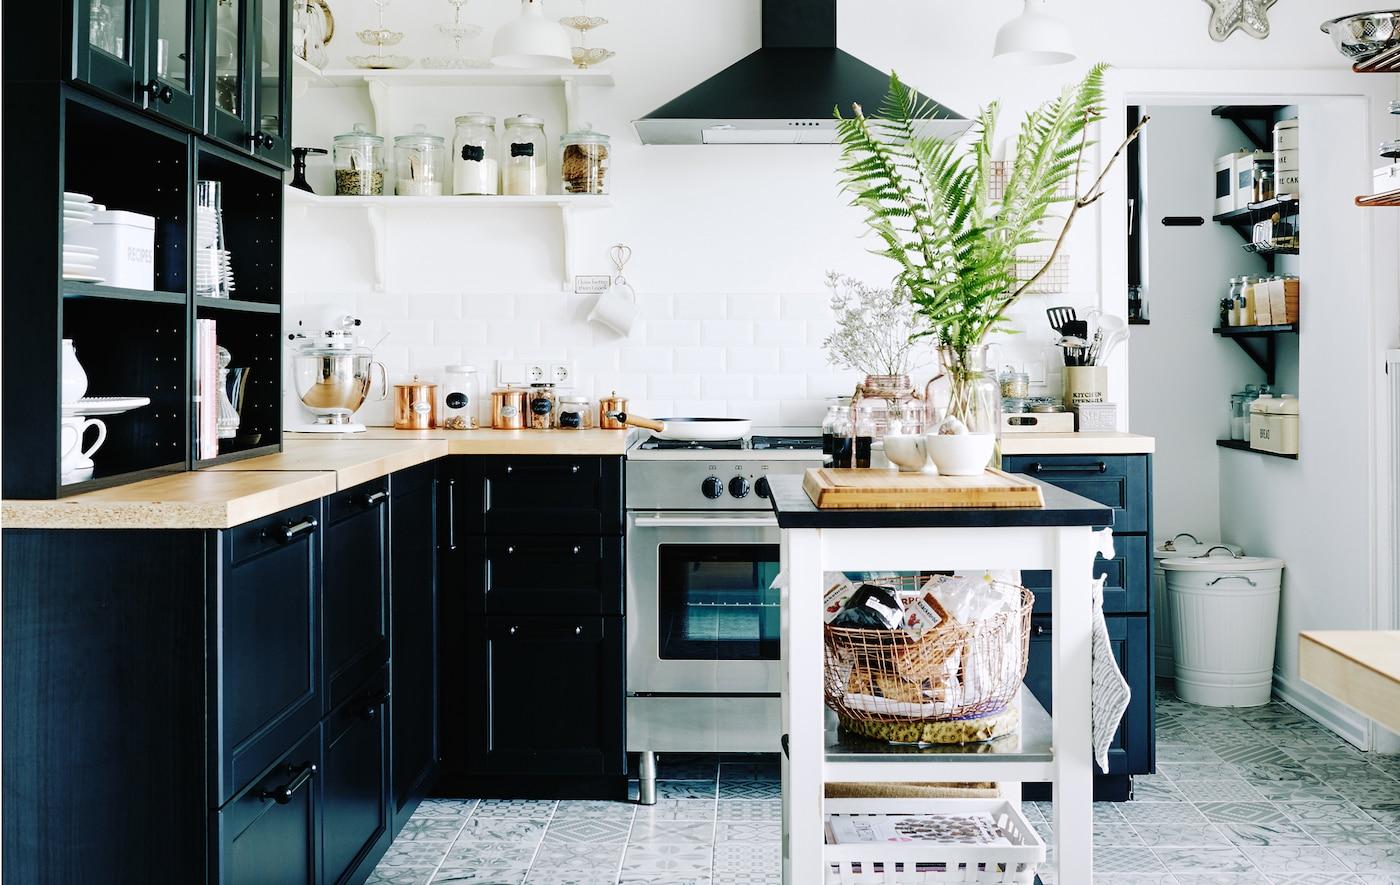 Cuisine en noir et blanc avec armoire à provisions et plein de solutions de rangement.